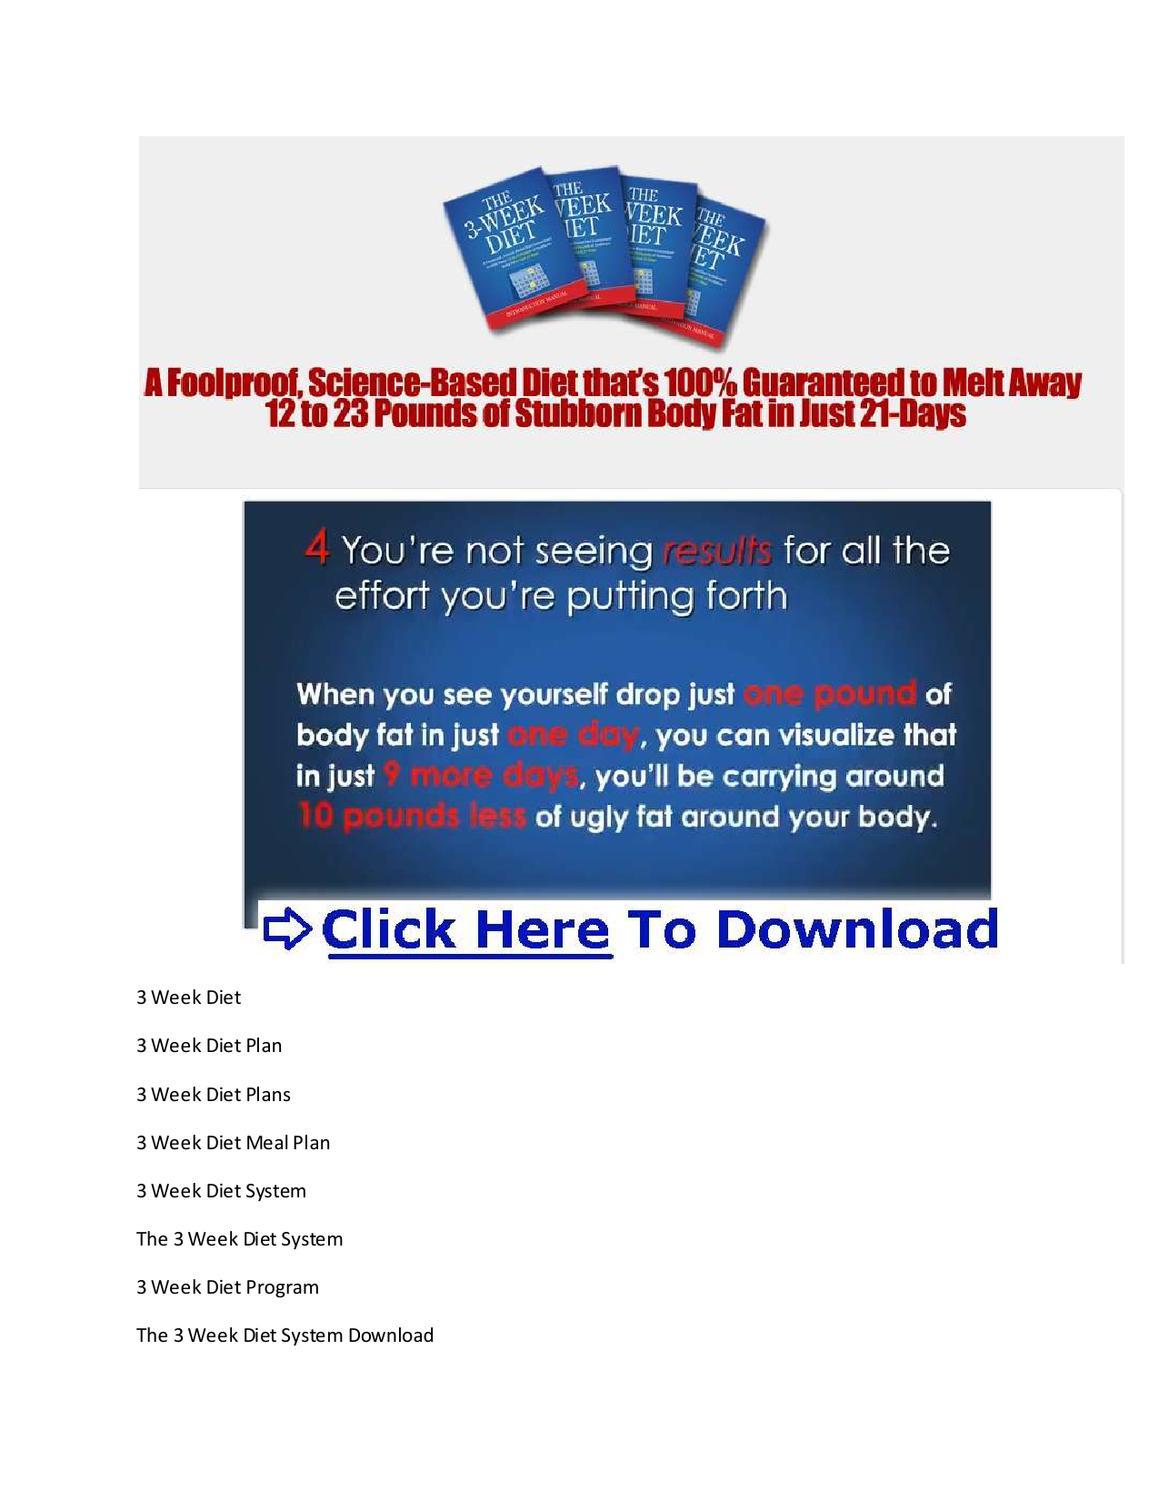 3 week diet system pdf free